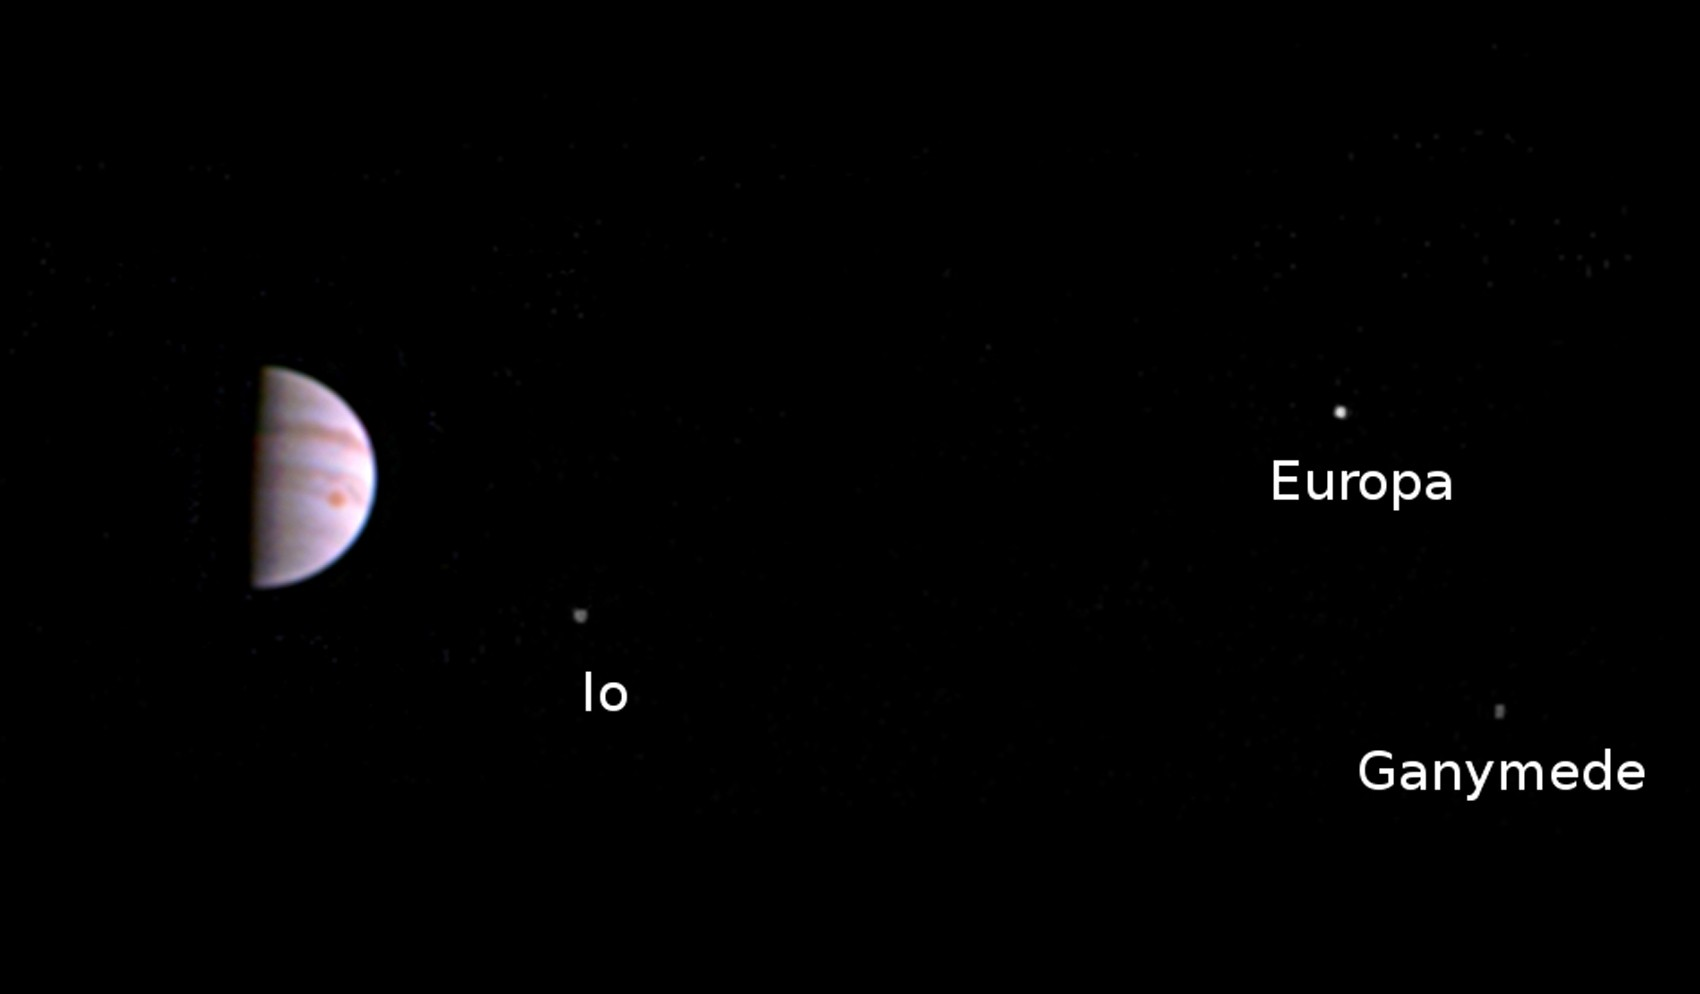 Imagem feita pela JunoCam mostra Júpiter e três das quatro luas do planeta